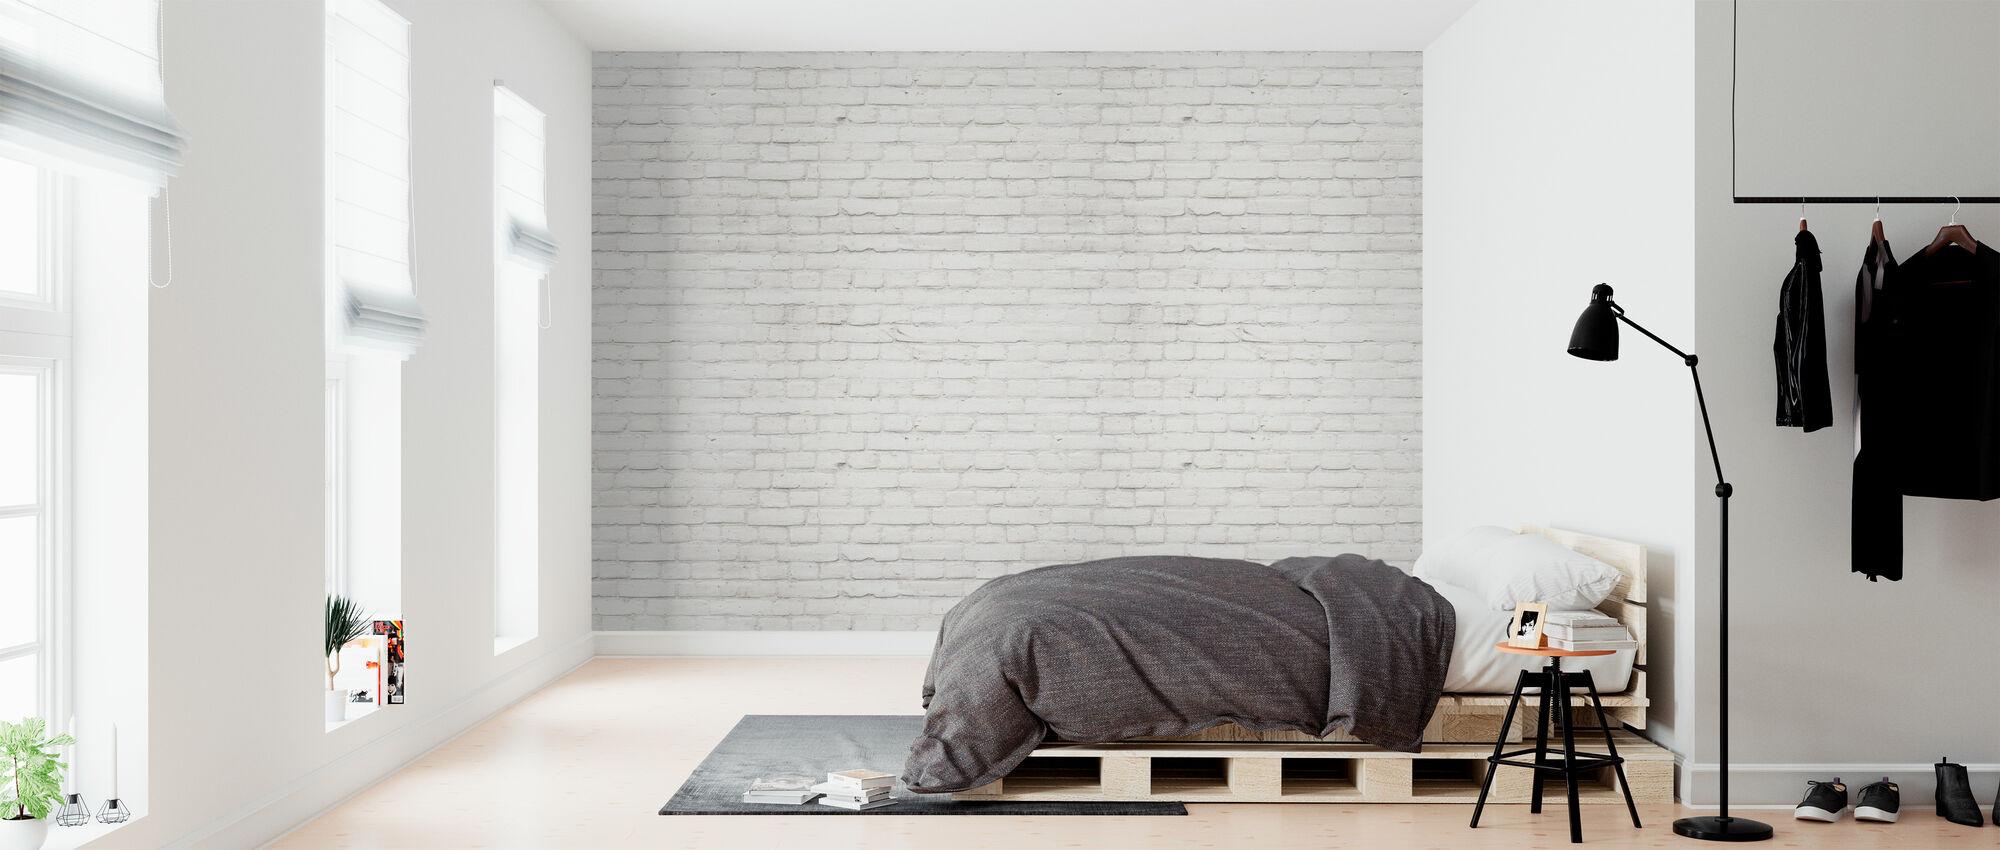 Biały zakurzony mur z cegły - Tapeta - Sypialnia